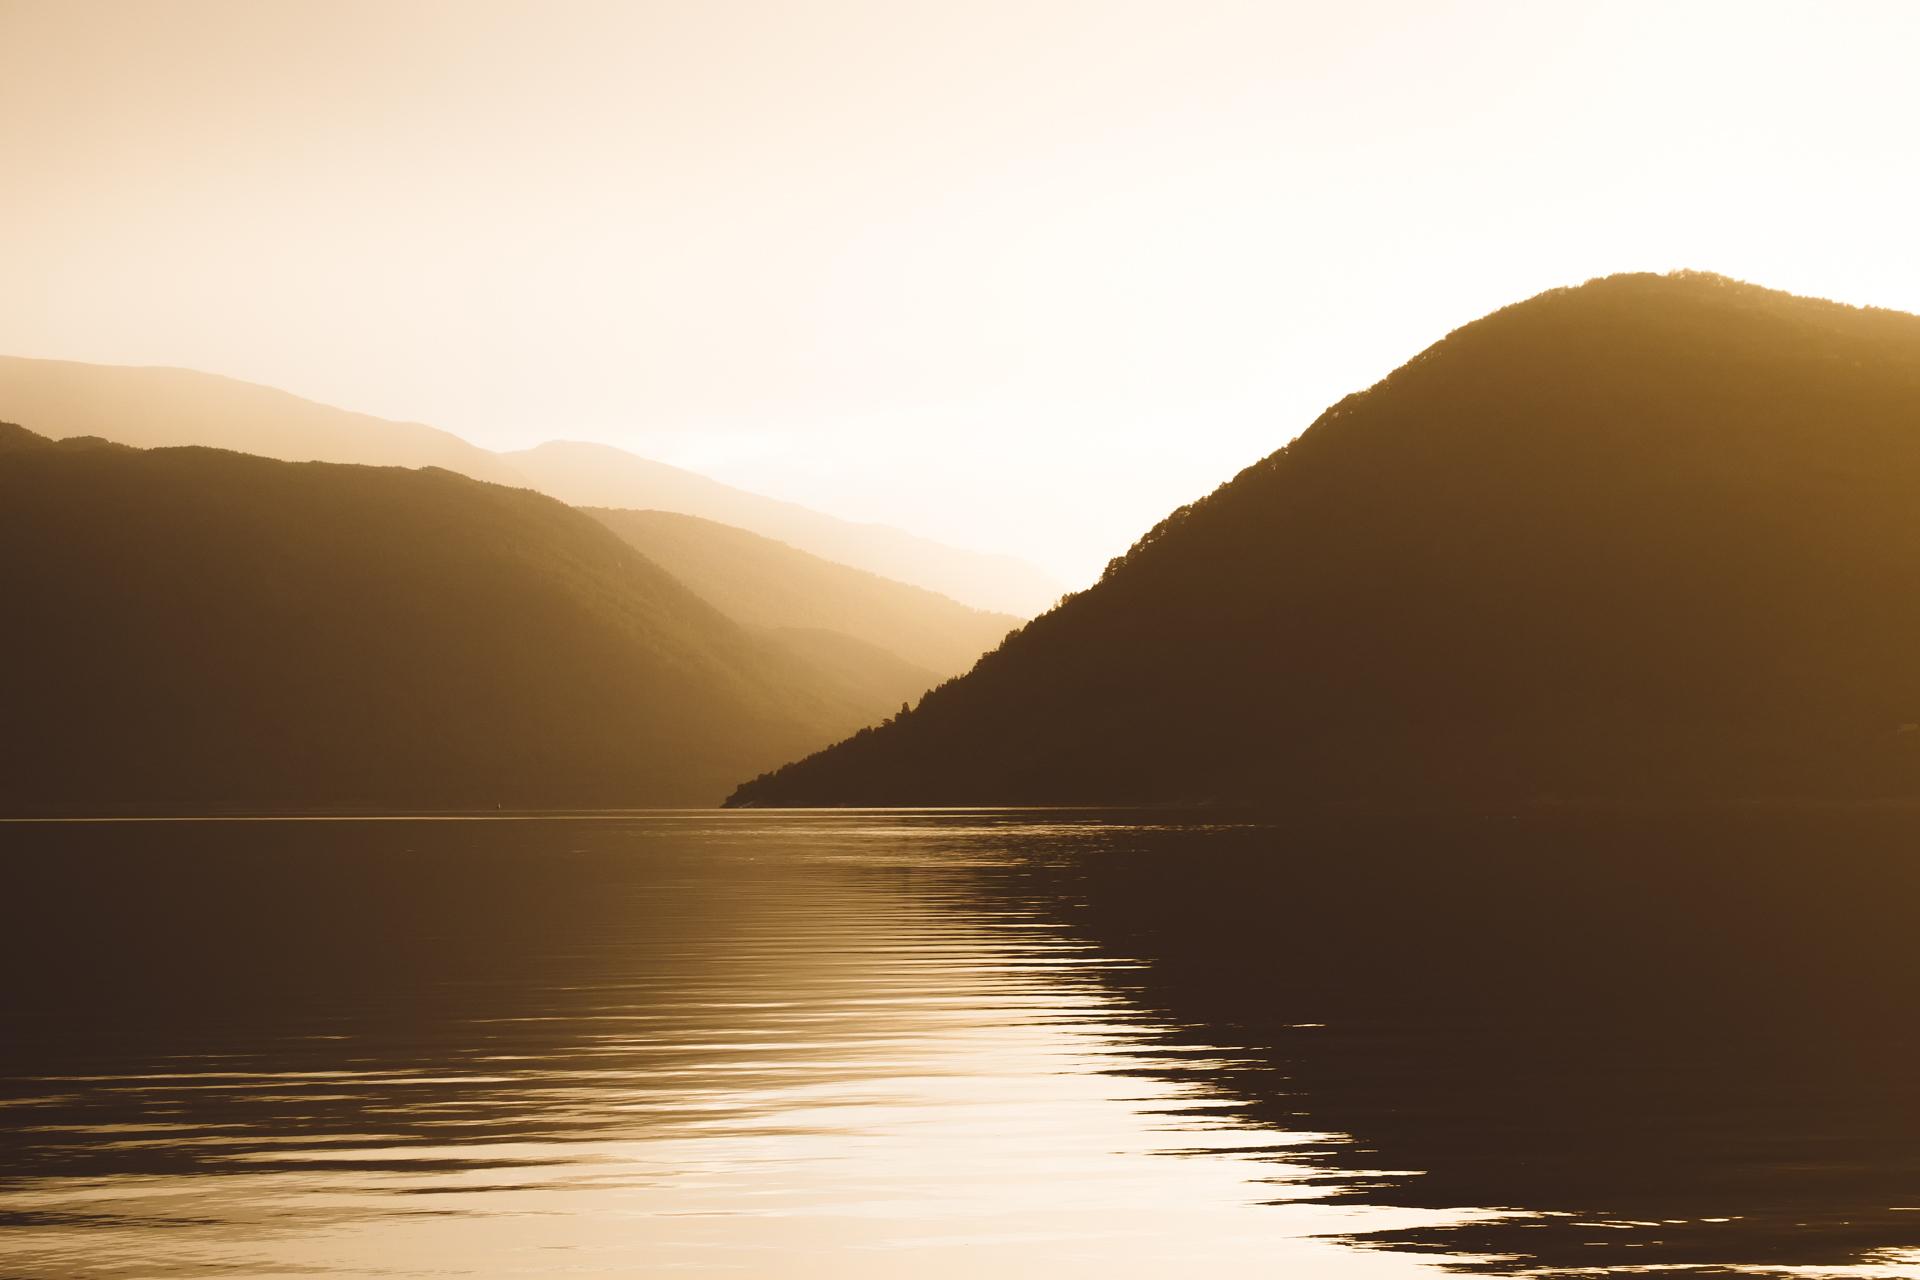 罗森达尔,峡湾,挪威,